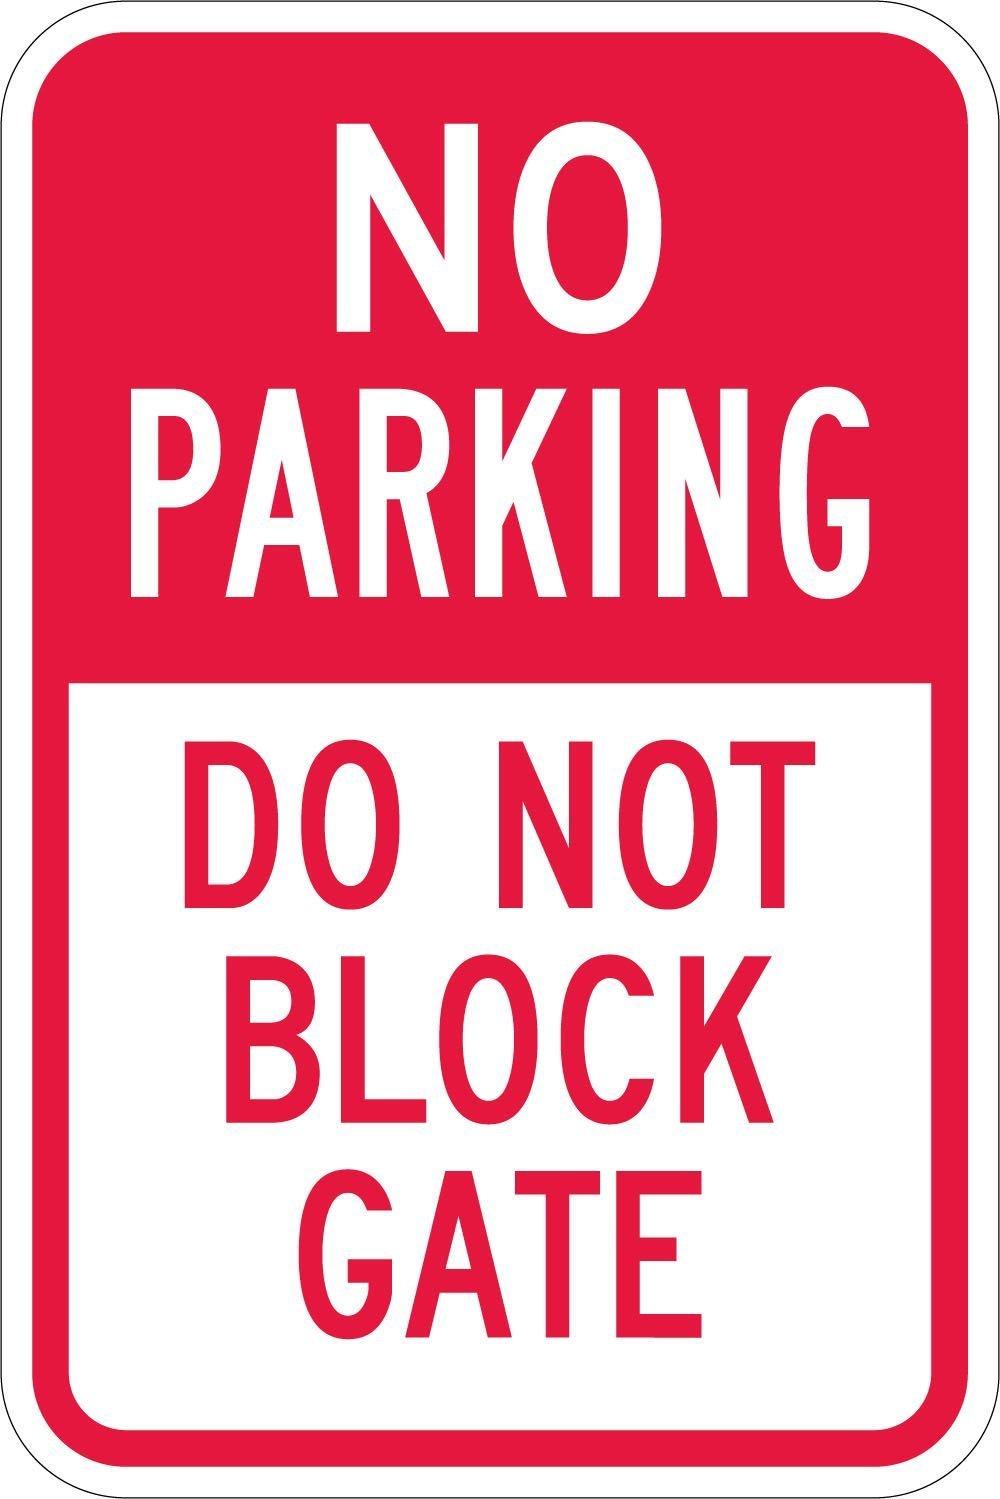 No Parking - Do Not Block Gate, 18